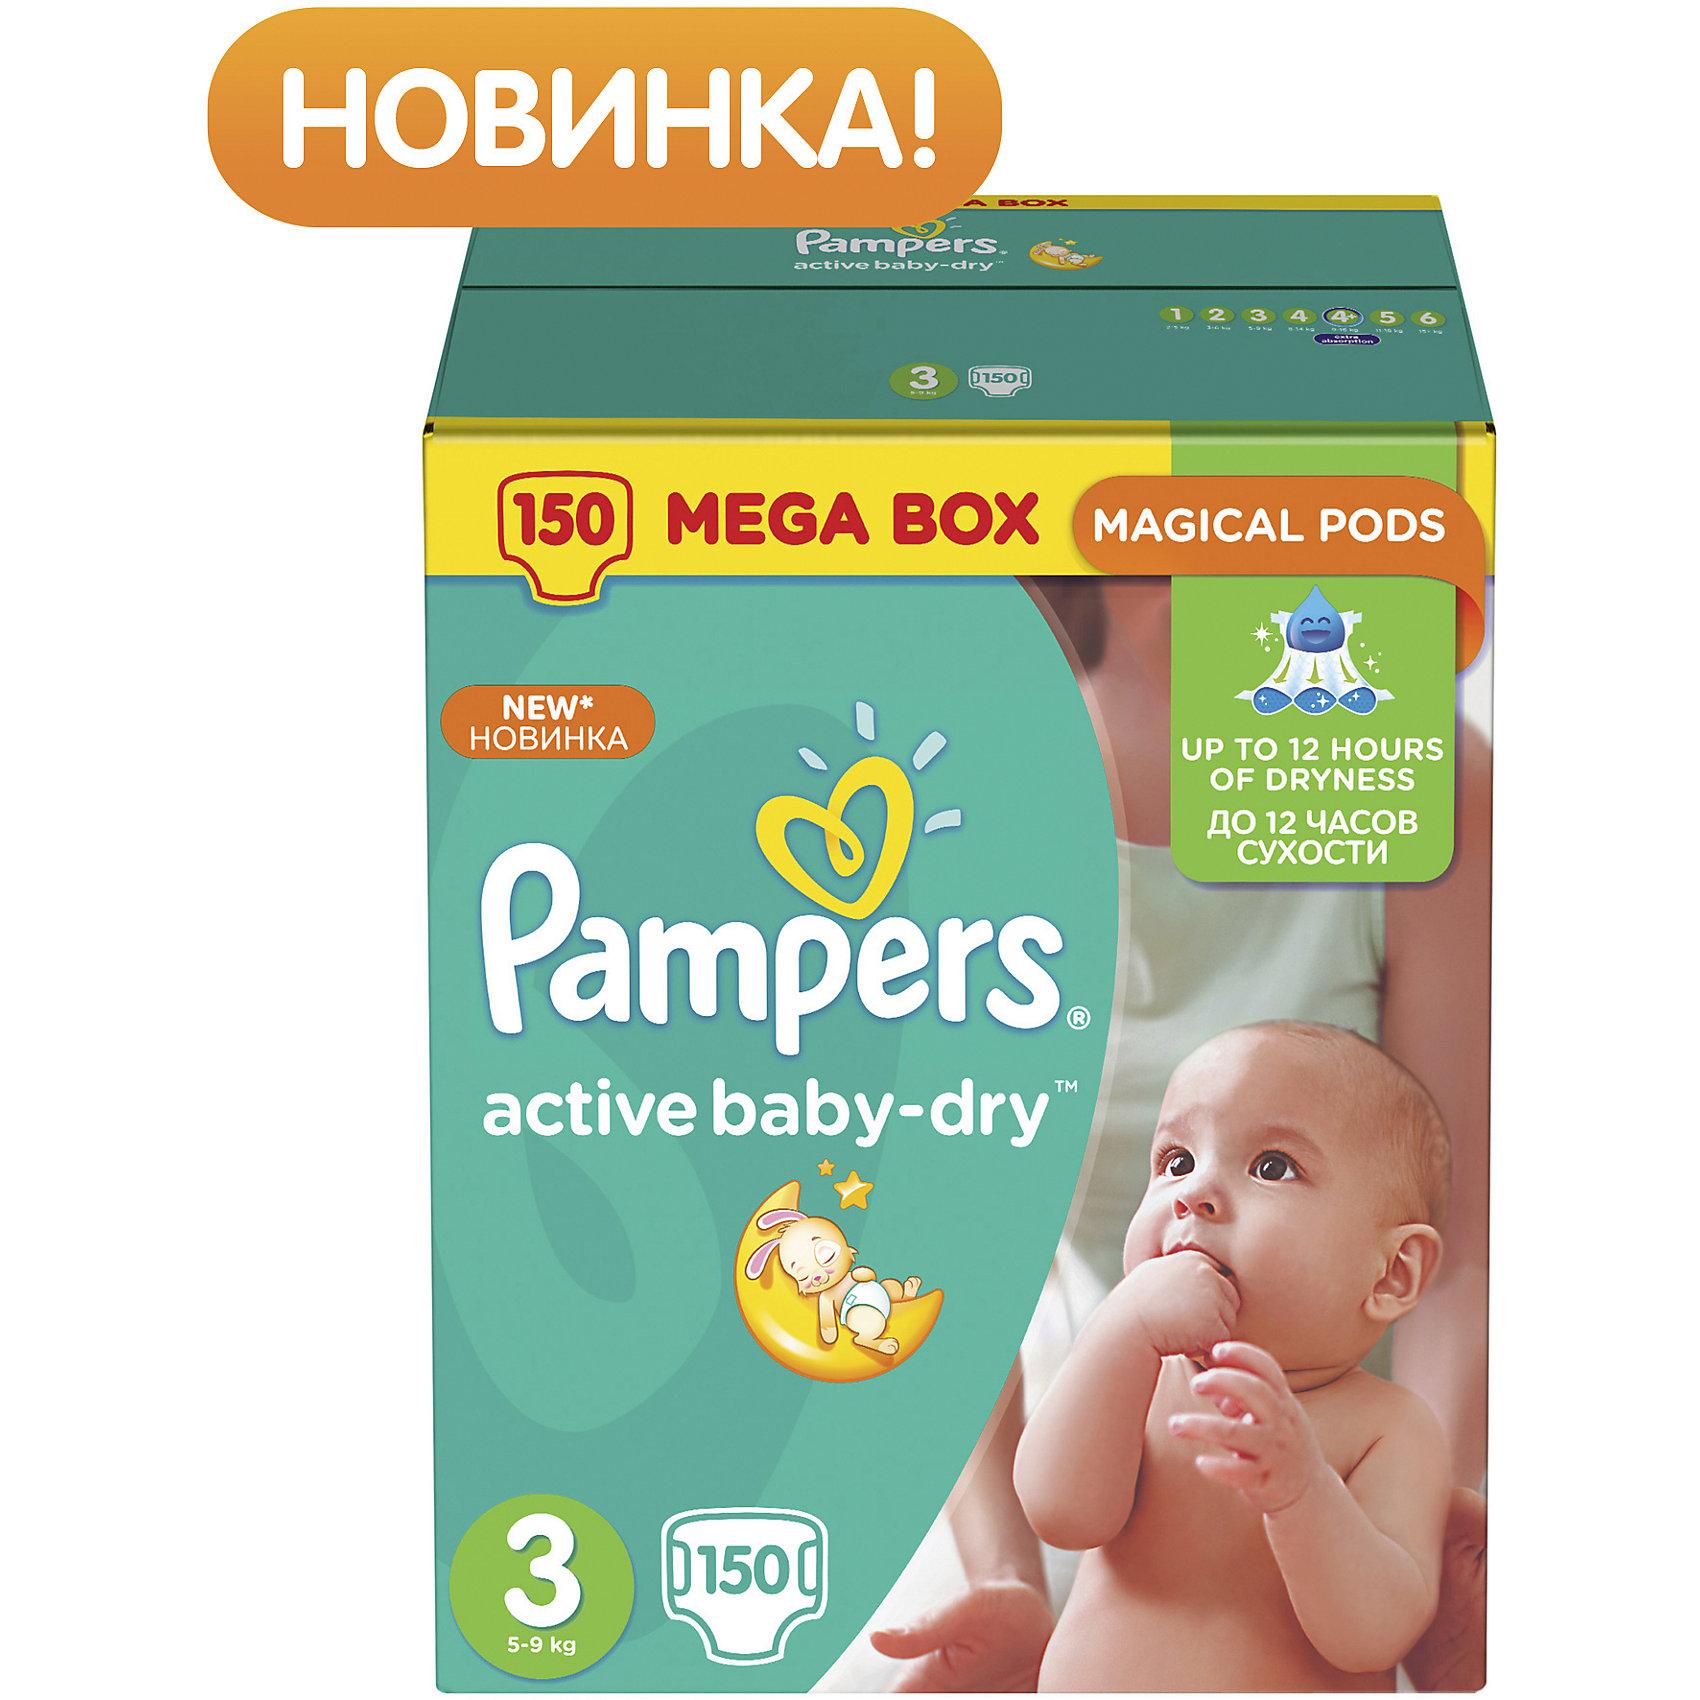 Подгузники Pampers Active Baby-Dry, 5-9 кг, 3 размер, 150 шт., PampersХарактеристики:<br><br>• Пол: универсальный<br>• Тип подгузника: одноразовый<br>• Коллекция: Active Baby-Dry<br>• Предназначение: для использования в любое время суток <br>• Размер: 3<br>• Вес ребенка: от 5 до 9 кг<br>• Количество в упаковке: 150 шт.<br>• Упаковка: картонная коробка<br>• Размер упаковки: 35,1*22,7*42,4 см<br>• Вес в упаковке: 4 кг 280 г<br>• Эластичные застежки-липучки<br>• Быстро впитывающий слой<br>• Мягкий верхний слой<br>• Сохранение сухости в течение 12-ти часов<br><br>Подгузники Pampers Active Baby-Dry, 5-9 кг, 3 размер, 150 шт., Pampers – это линейка классических детских подгузников от Pampers, которая сочетает в себе качество и безопасность материалов, удобство использования и комфорт для нежной кожи малыша. Подгузники предназначены для младенцев весом до 9 кг. Инновационные технологии и современные материалы обеспечивают этим подгузникам Дышащие свойства, что особенно важно для кожи малыша. <br><br>Впитывающие свойства изделию обеспечивает уникальный слой, состоящий из жемчужных микрогранул. У подгузников предусмотрена эластичная мягкая резиночка на спинке. Широкие липучки с двух сторон обеспечивают надежную фиксацию. Подгузник имеет мягкий верхний слой, который обеспечивает не только комфорт, но и защищает кожу ребенка от раздражений. Подгузник подходит как для мальчиков, так и для девочек. <br><br>Подгузники Pampers Active Baby-Dry, 5-9 кг, 3 размер, 150 шт., Pampers можно купить в нашем интернет-магазине.<br><br>Ширина мм: 351<br>Глубина мм: 227<br>Высота мм: 424<br>Вес г: 428<br>Возраст от месяцев: 3<br>Возраст до месяцев: 12<br>Пол: Унисекс<br>Возраст: Детский<br>SKU: 5419087